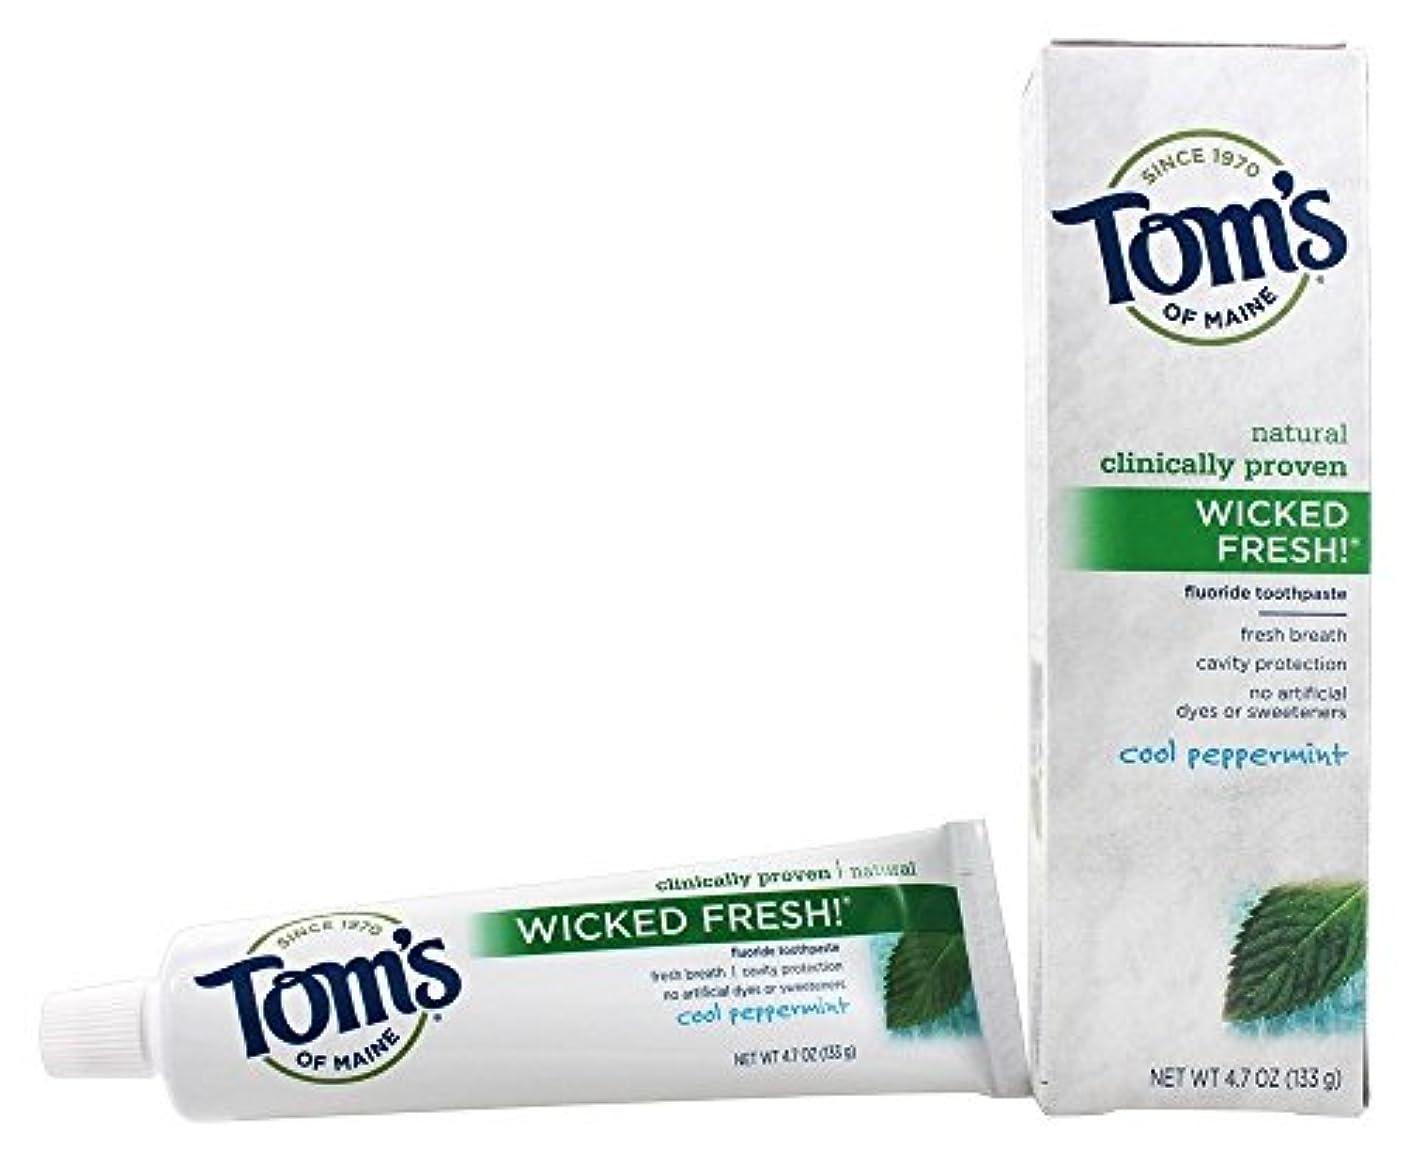 メダリスト知覚できる馬鹿Tom's of Maine ナチュラル邪悪な新鮮なフッ化物の歯磨き粉クールペパーミント4.70オズ